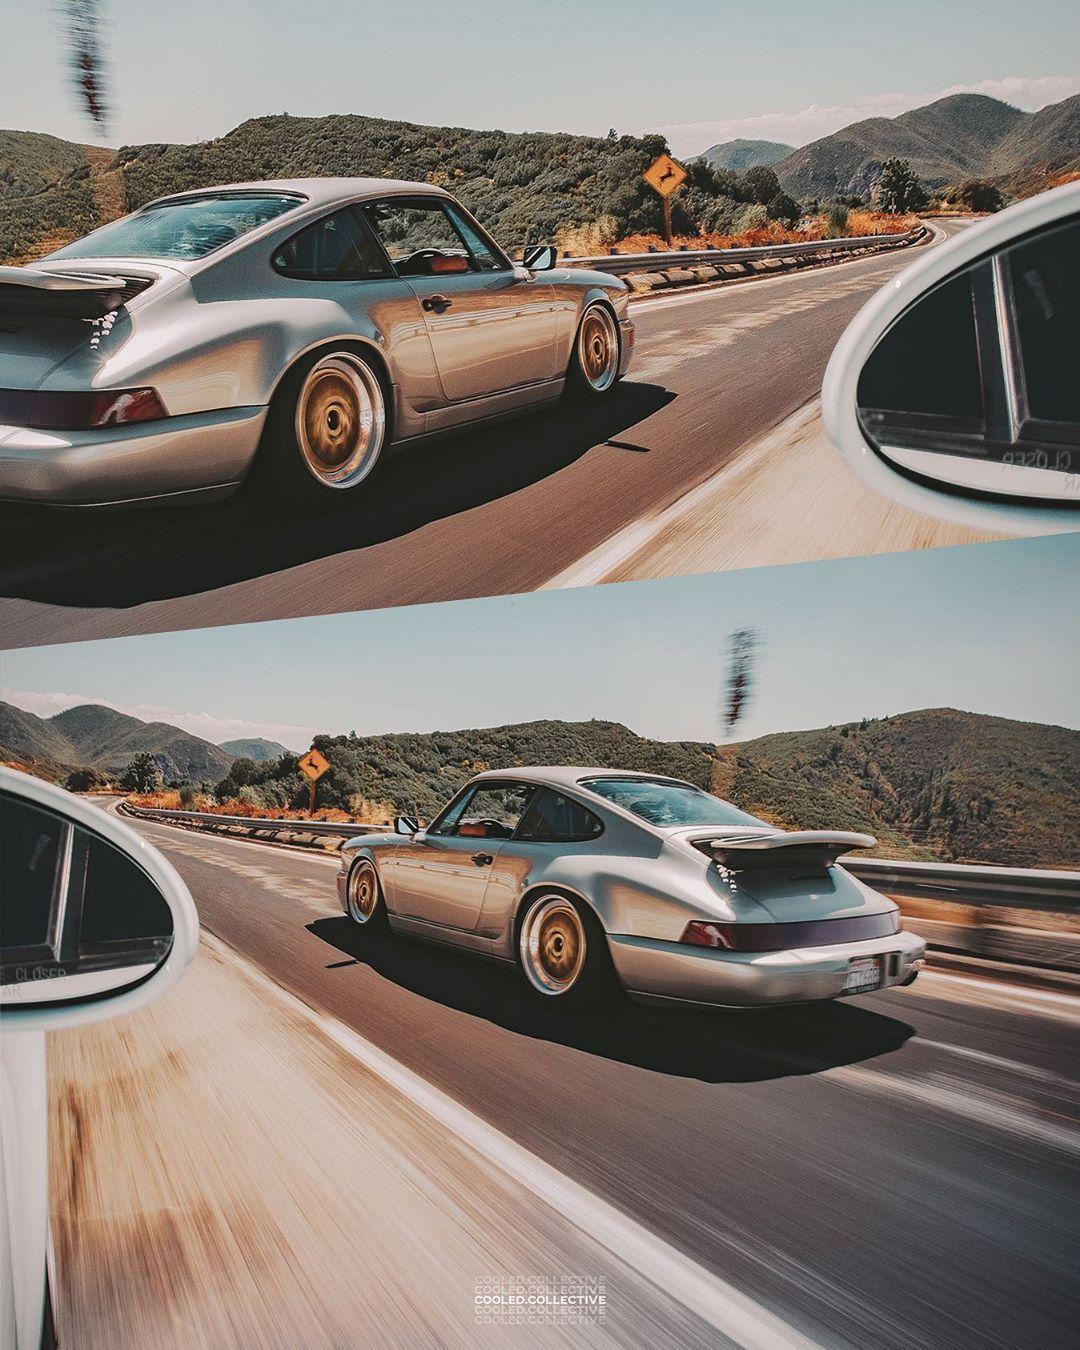 Porsche Linen Gray 964 On Gold Bbs E26 Wheels For Cooledcollective Porsche Cruise Classic